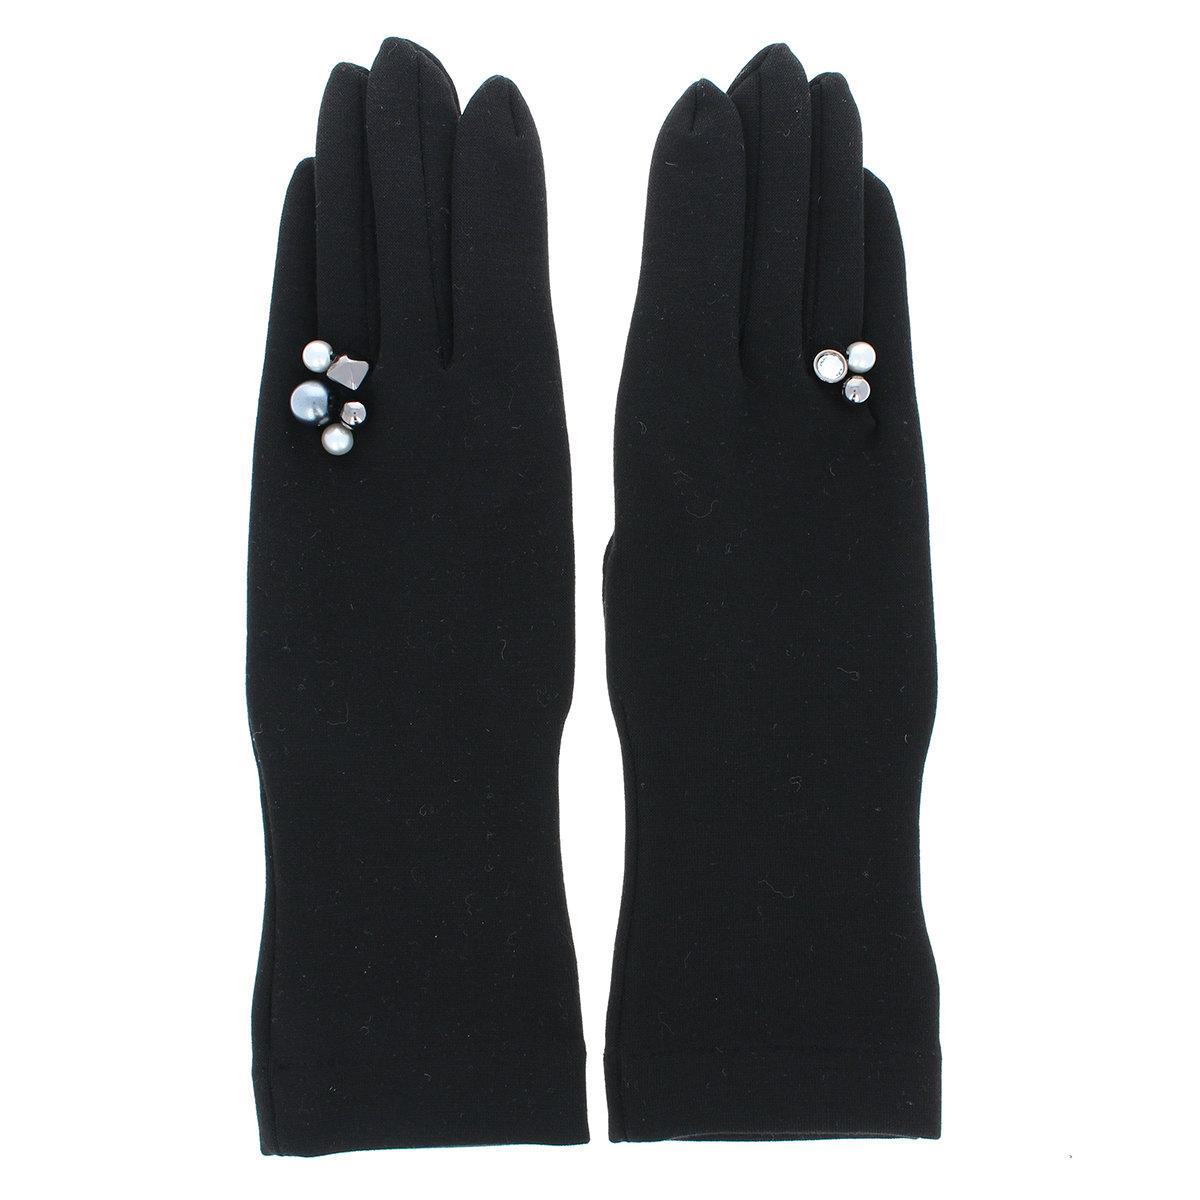 ジャージ 手袋 アシンメトリーデザイン 指輪風アクセ付 少し長め丈 ストレッチ素材 BIYUTE